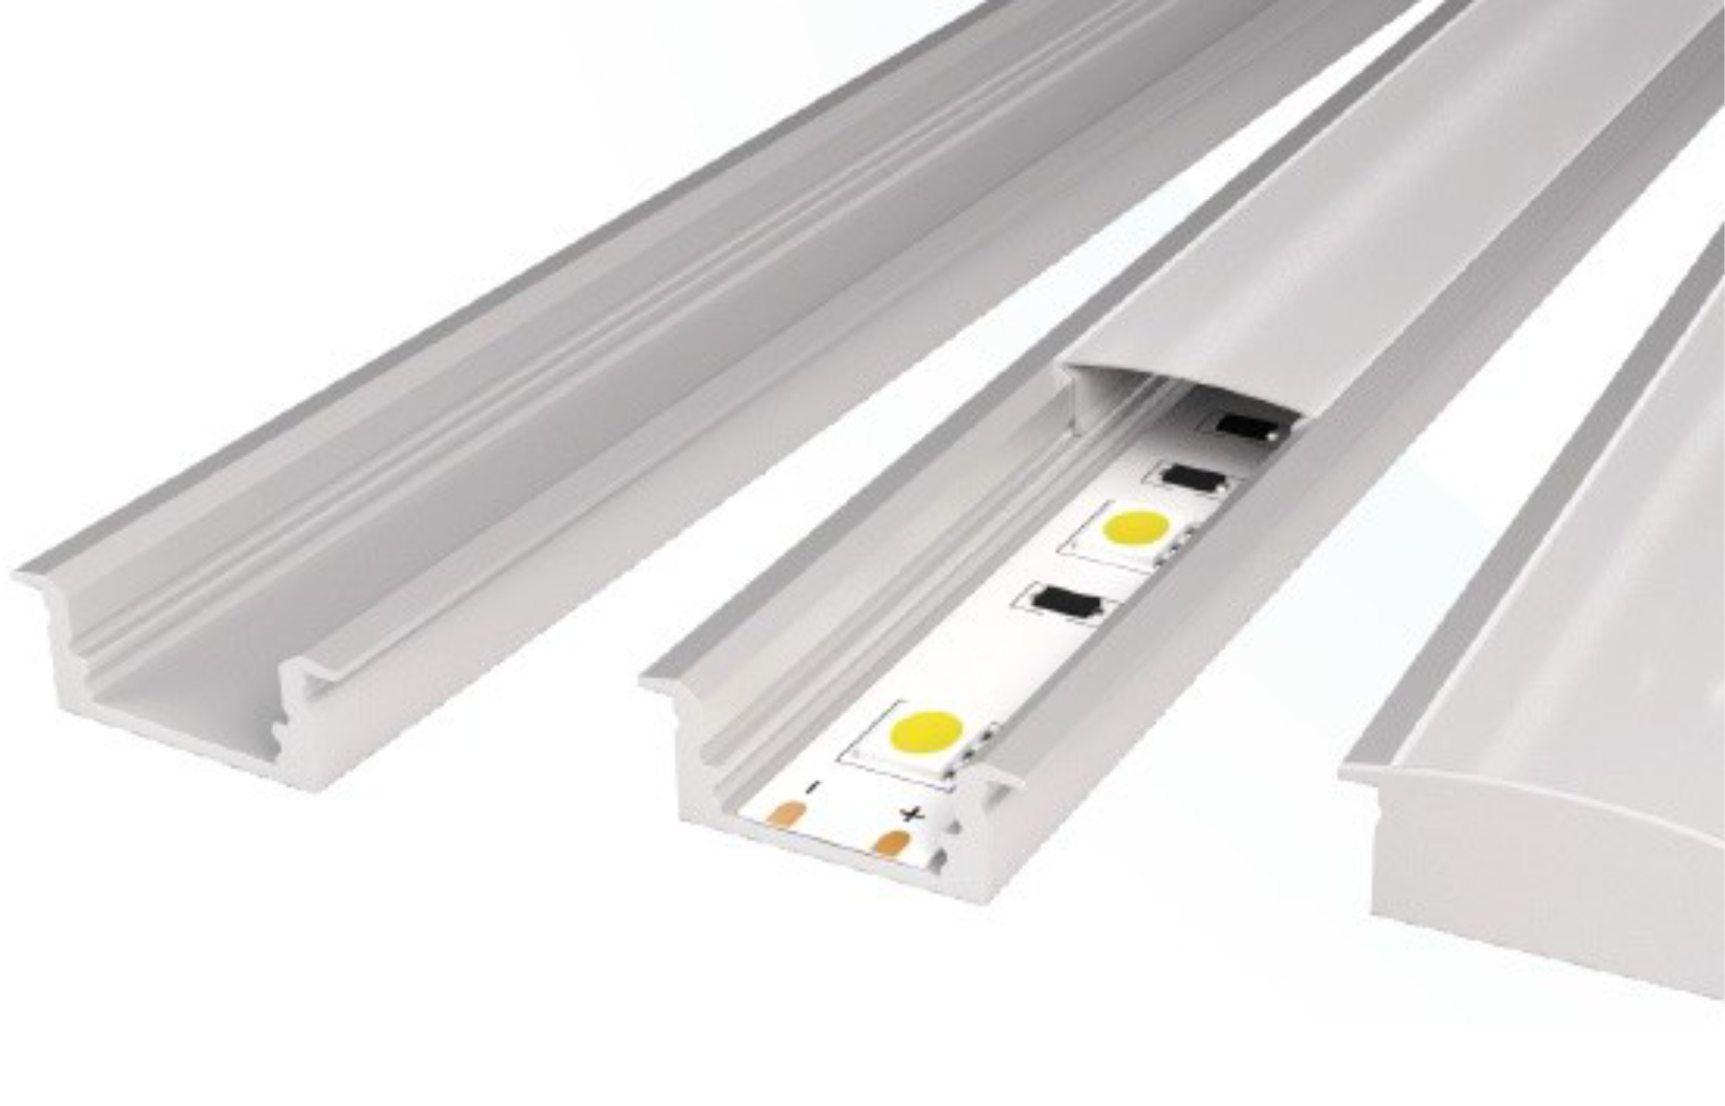 Perfil de aluminio para tira de led de 1m compra en - Tiras de led ikea ...